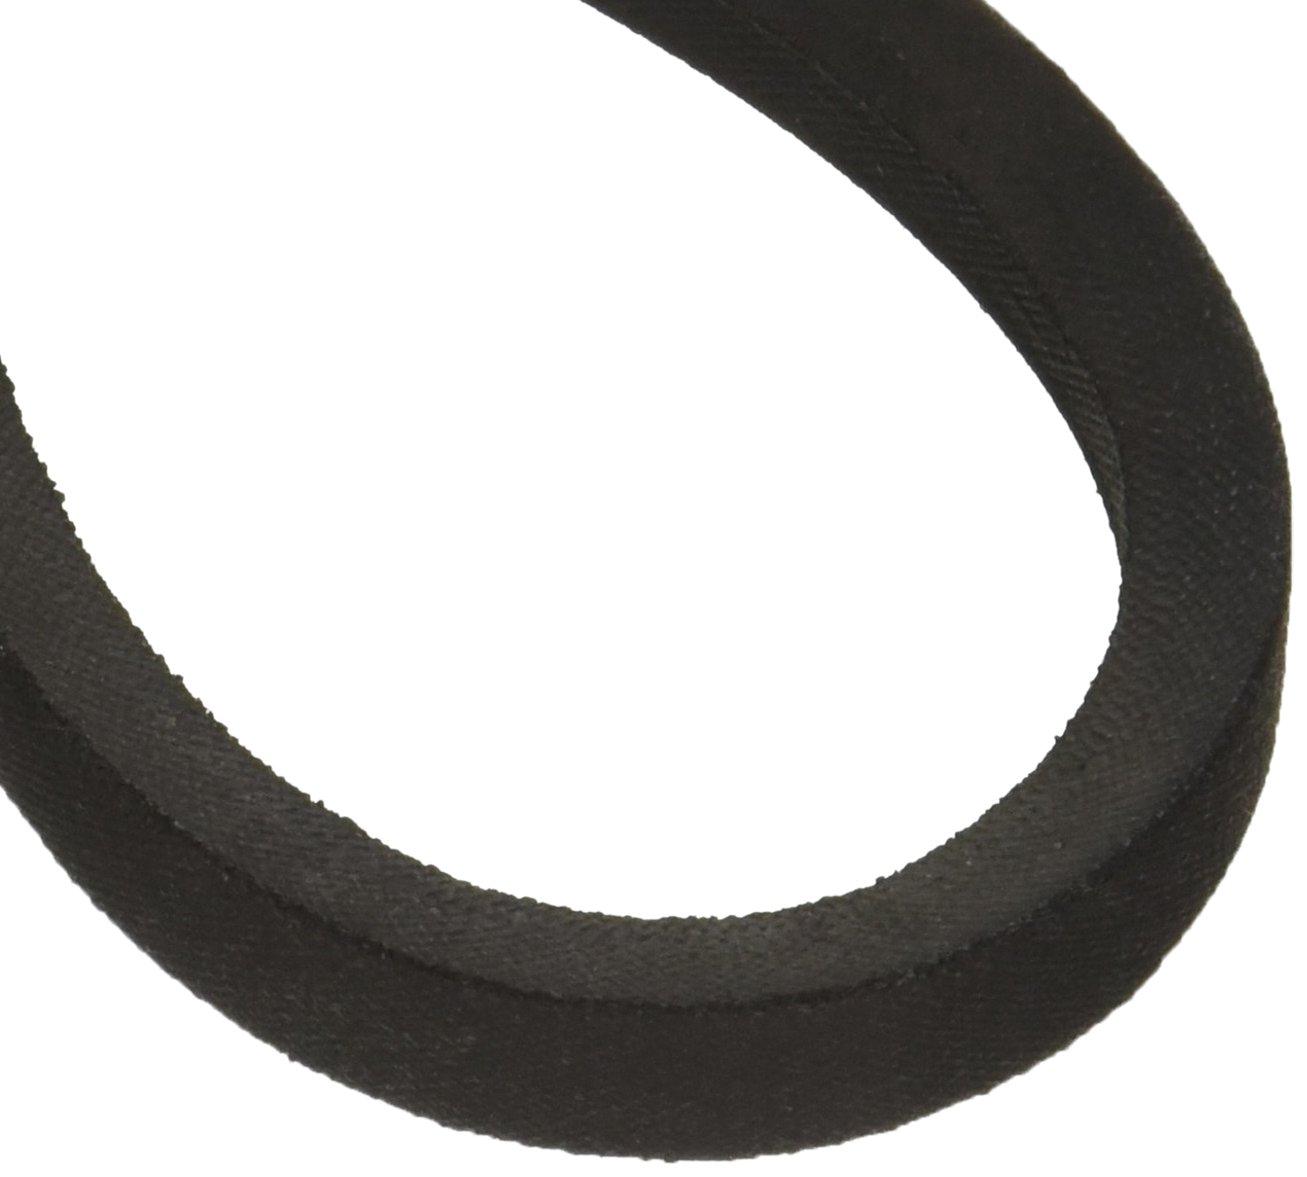 18 Length XL D/&D PowerDrive 95SS457 Metric Standard Replacement Belt Rubber